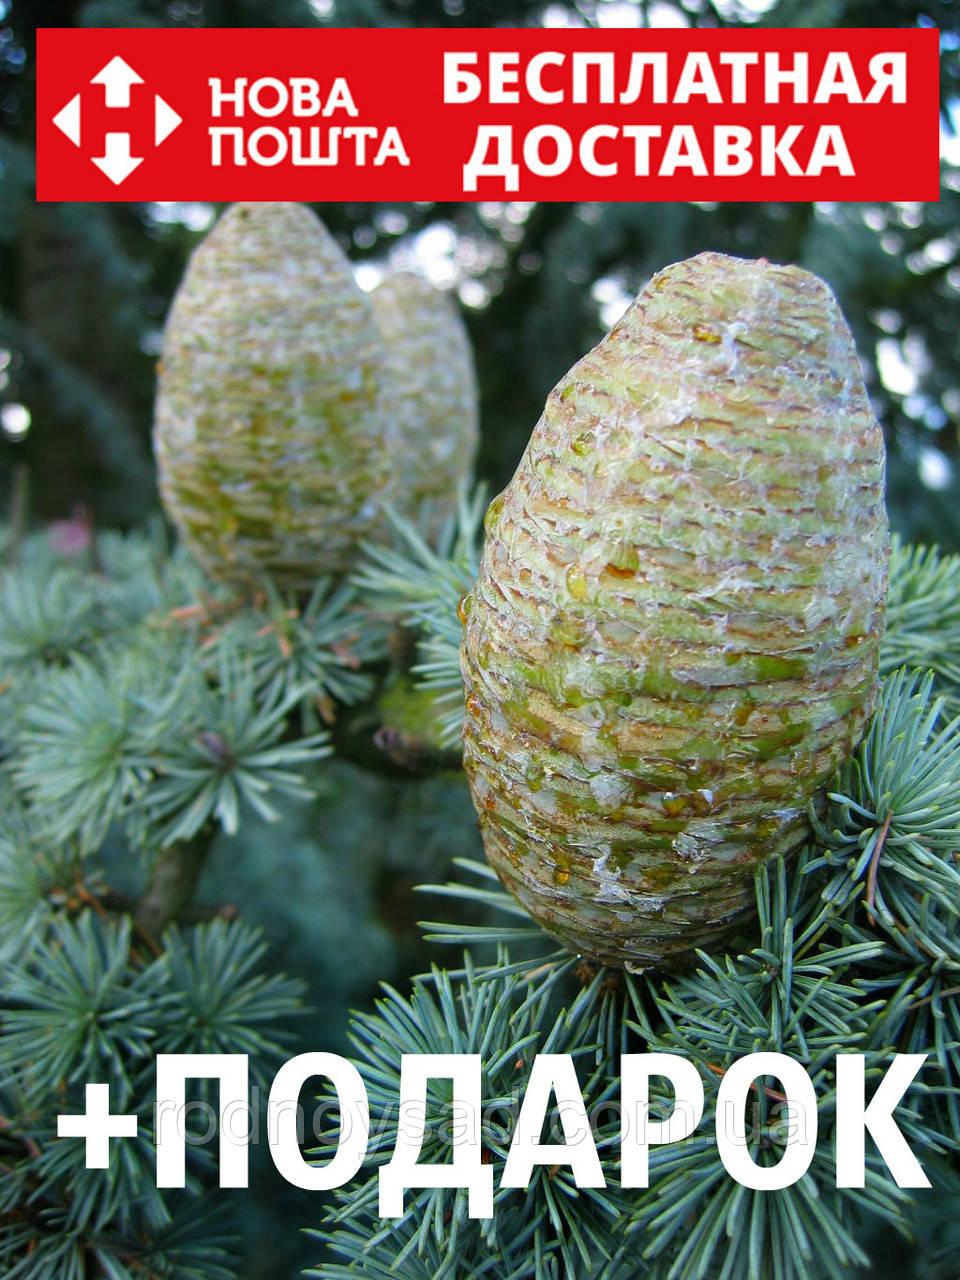 Кедр атласский семена 10 шт (Cédrus atlántica) для саженцев насіння на саджанці